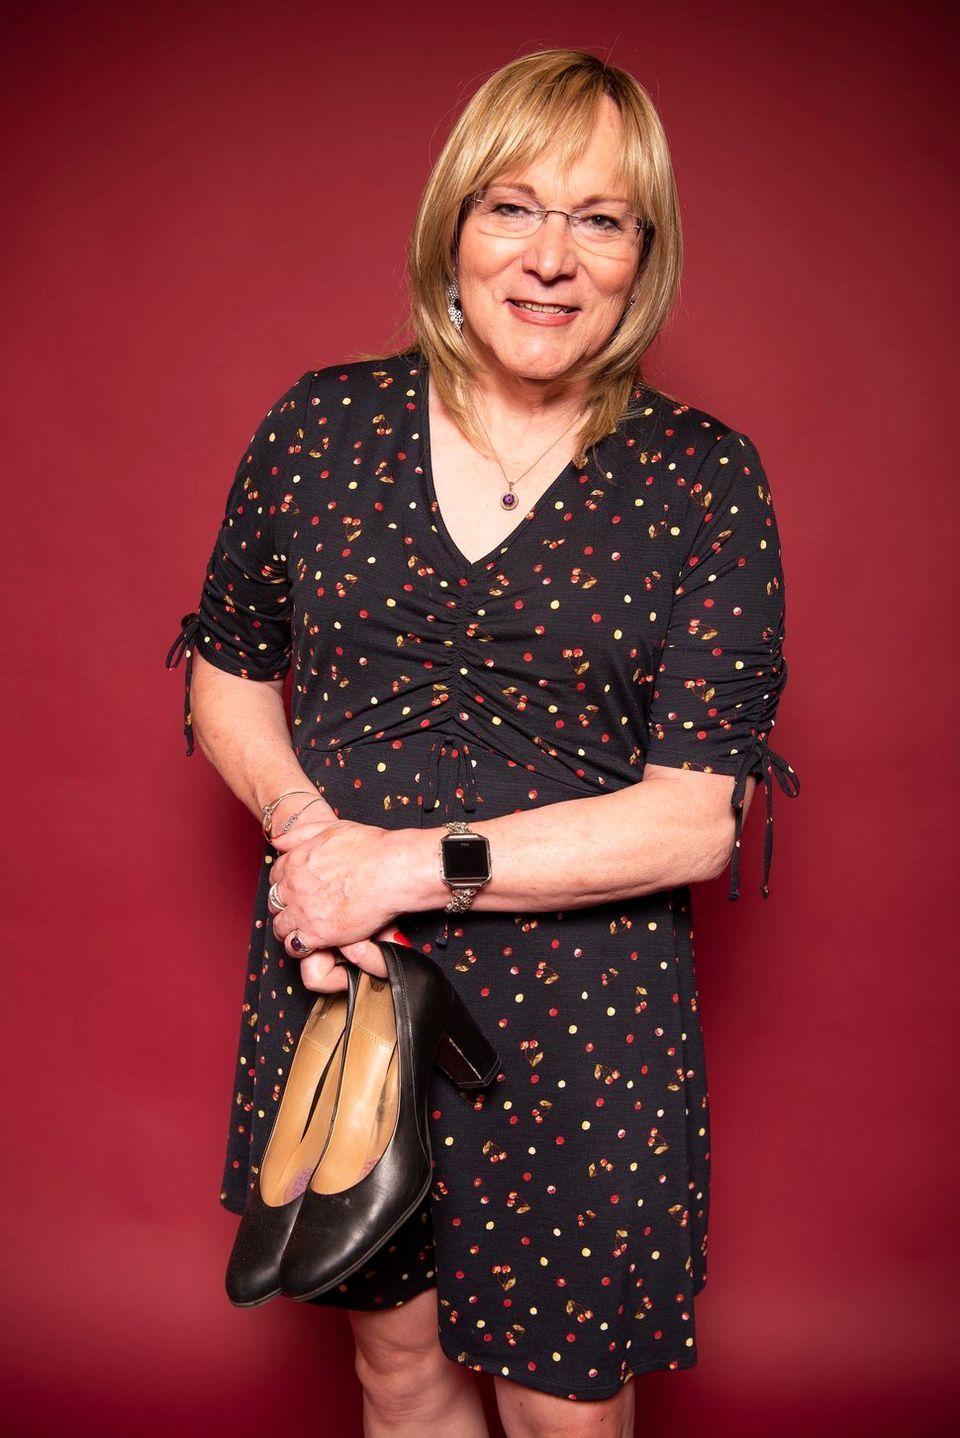 Wendy Cole trägt immer noch ihre ersten Pumps, die sie sich jemals gekauft